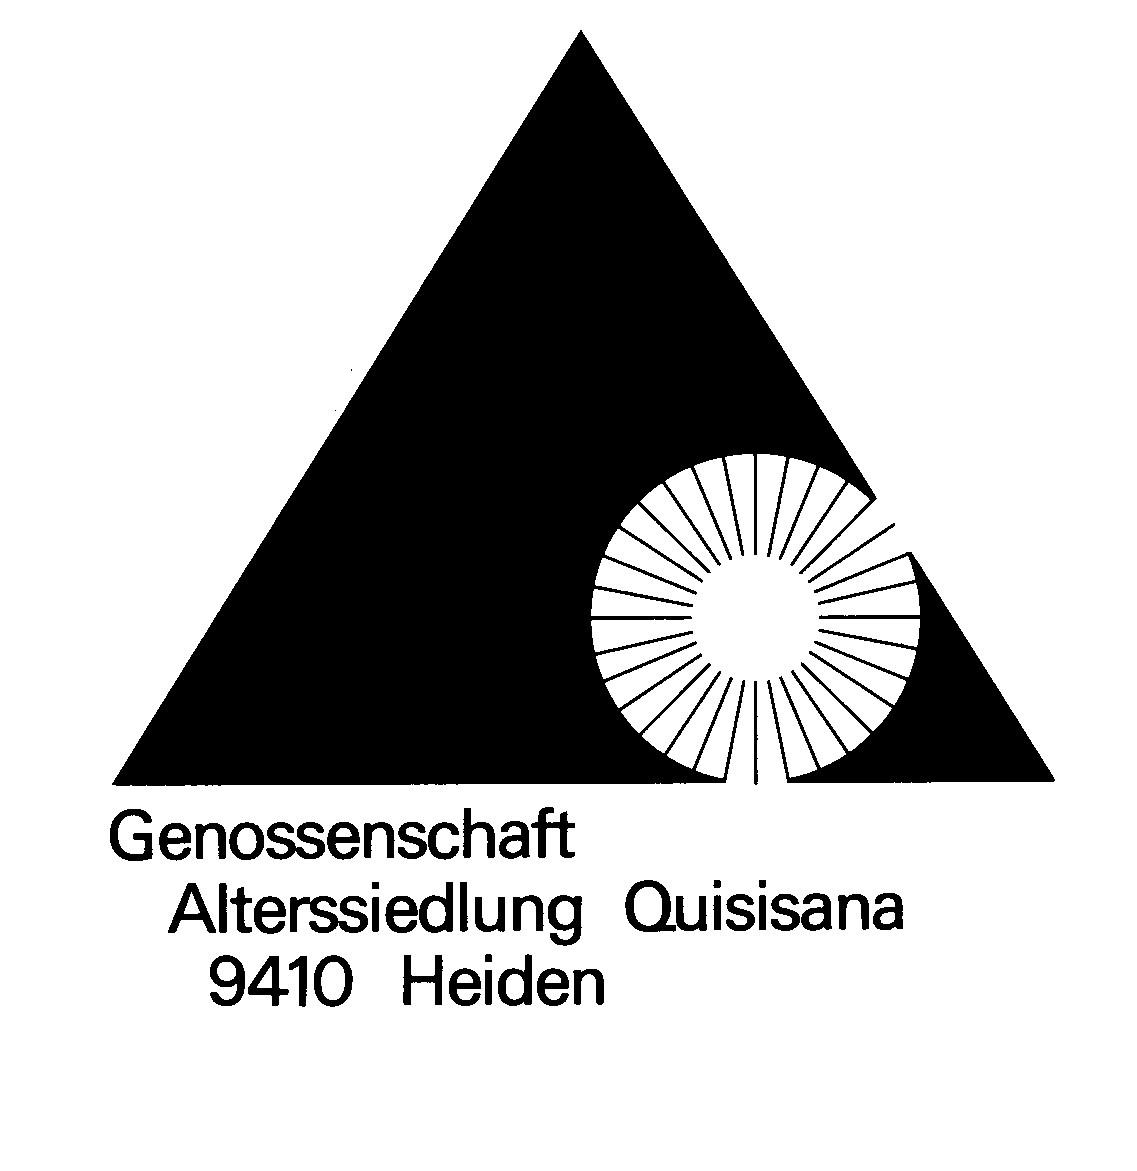 Quisisana